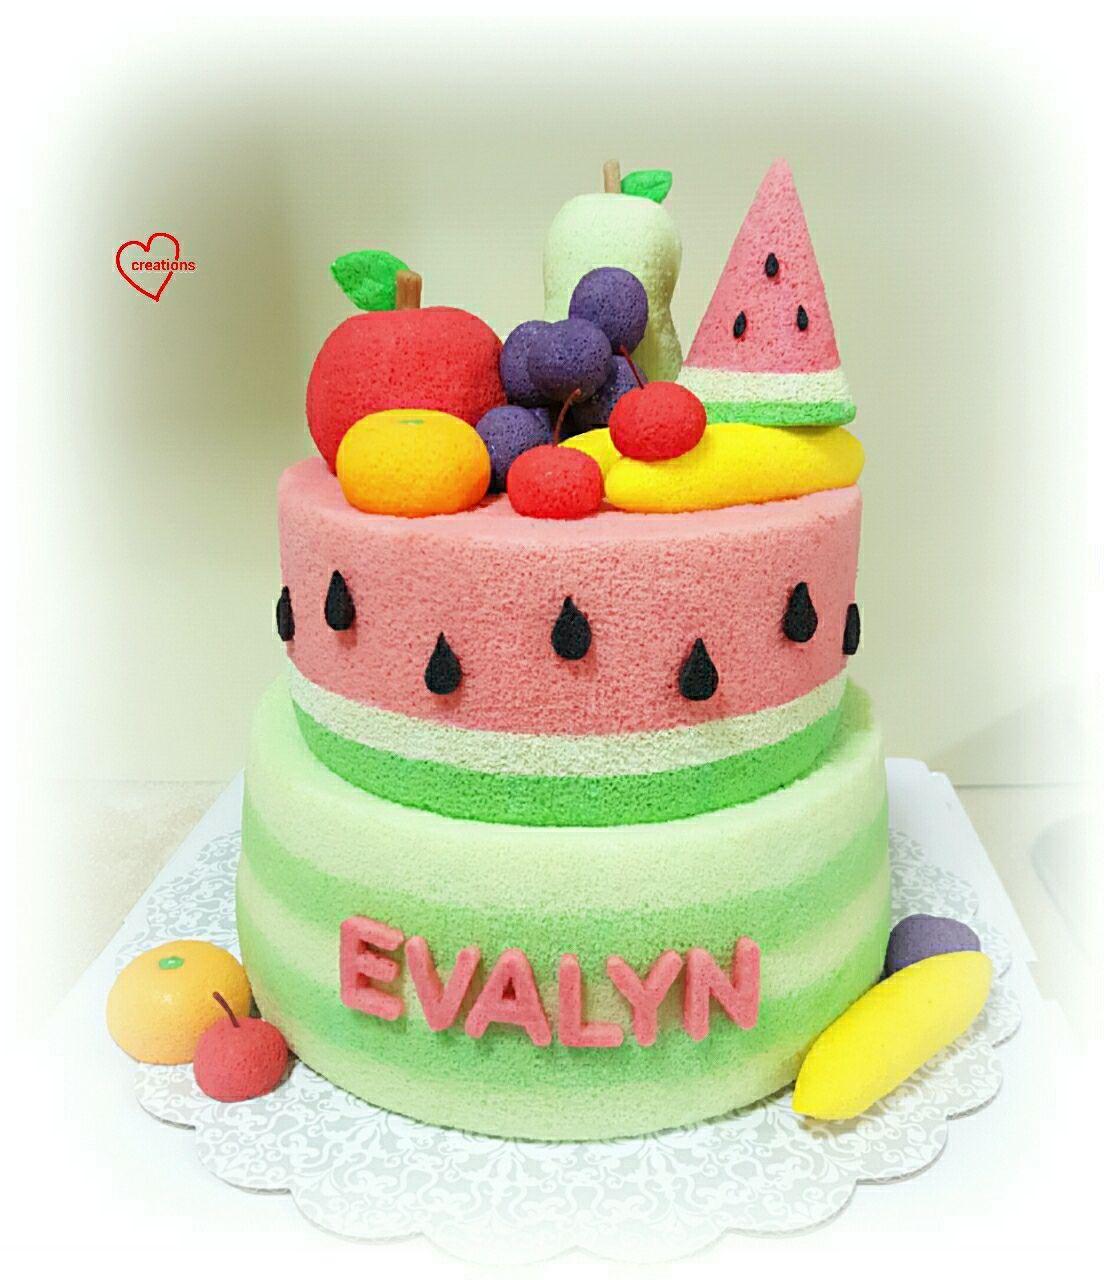 Fruits Watermelon Chiffon Cake  sc 1 st  Pinterest & Fruits Watermelon Chiffon Cake | Fantastic cakes! | Pinterest ...